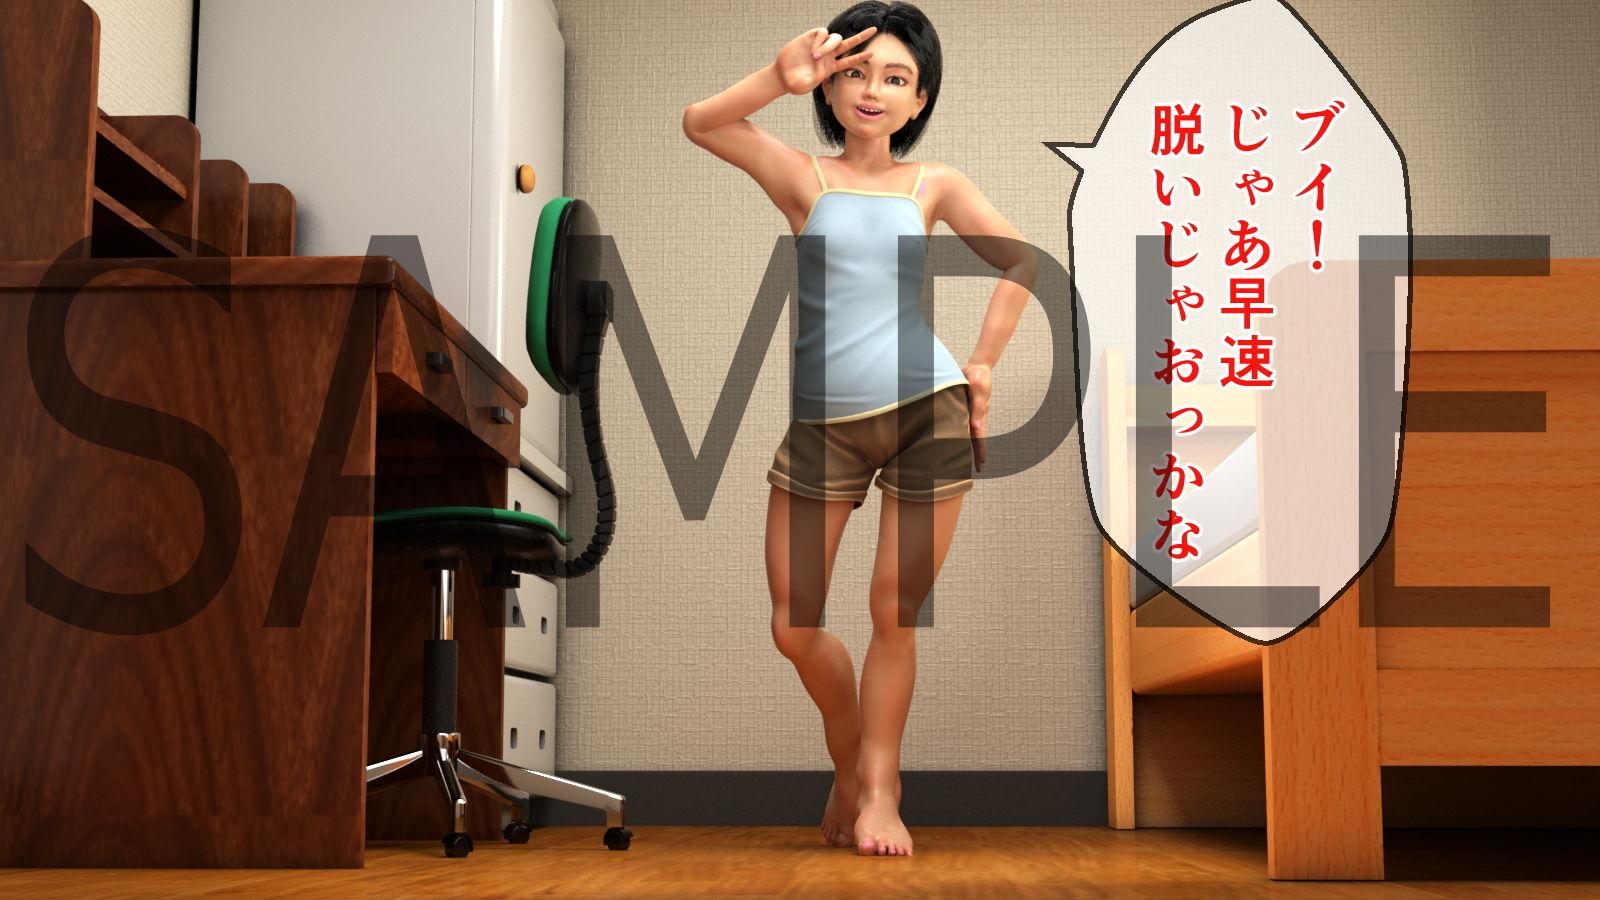 【ヨーケーワークス 同人】あかねちゃん!ヤリマン少女のオナ配信